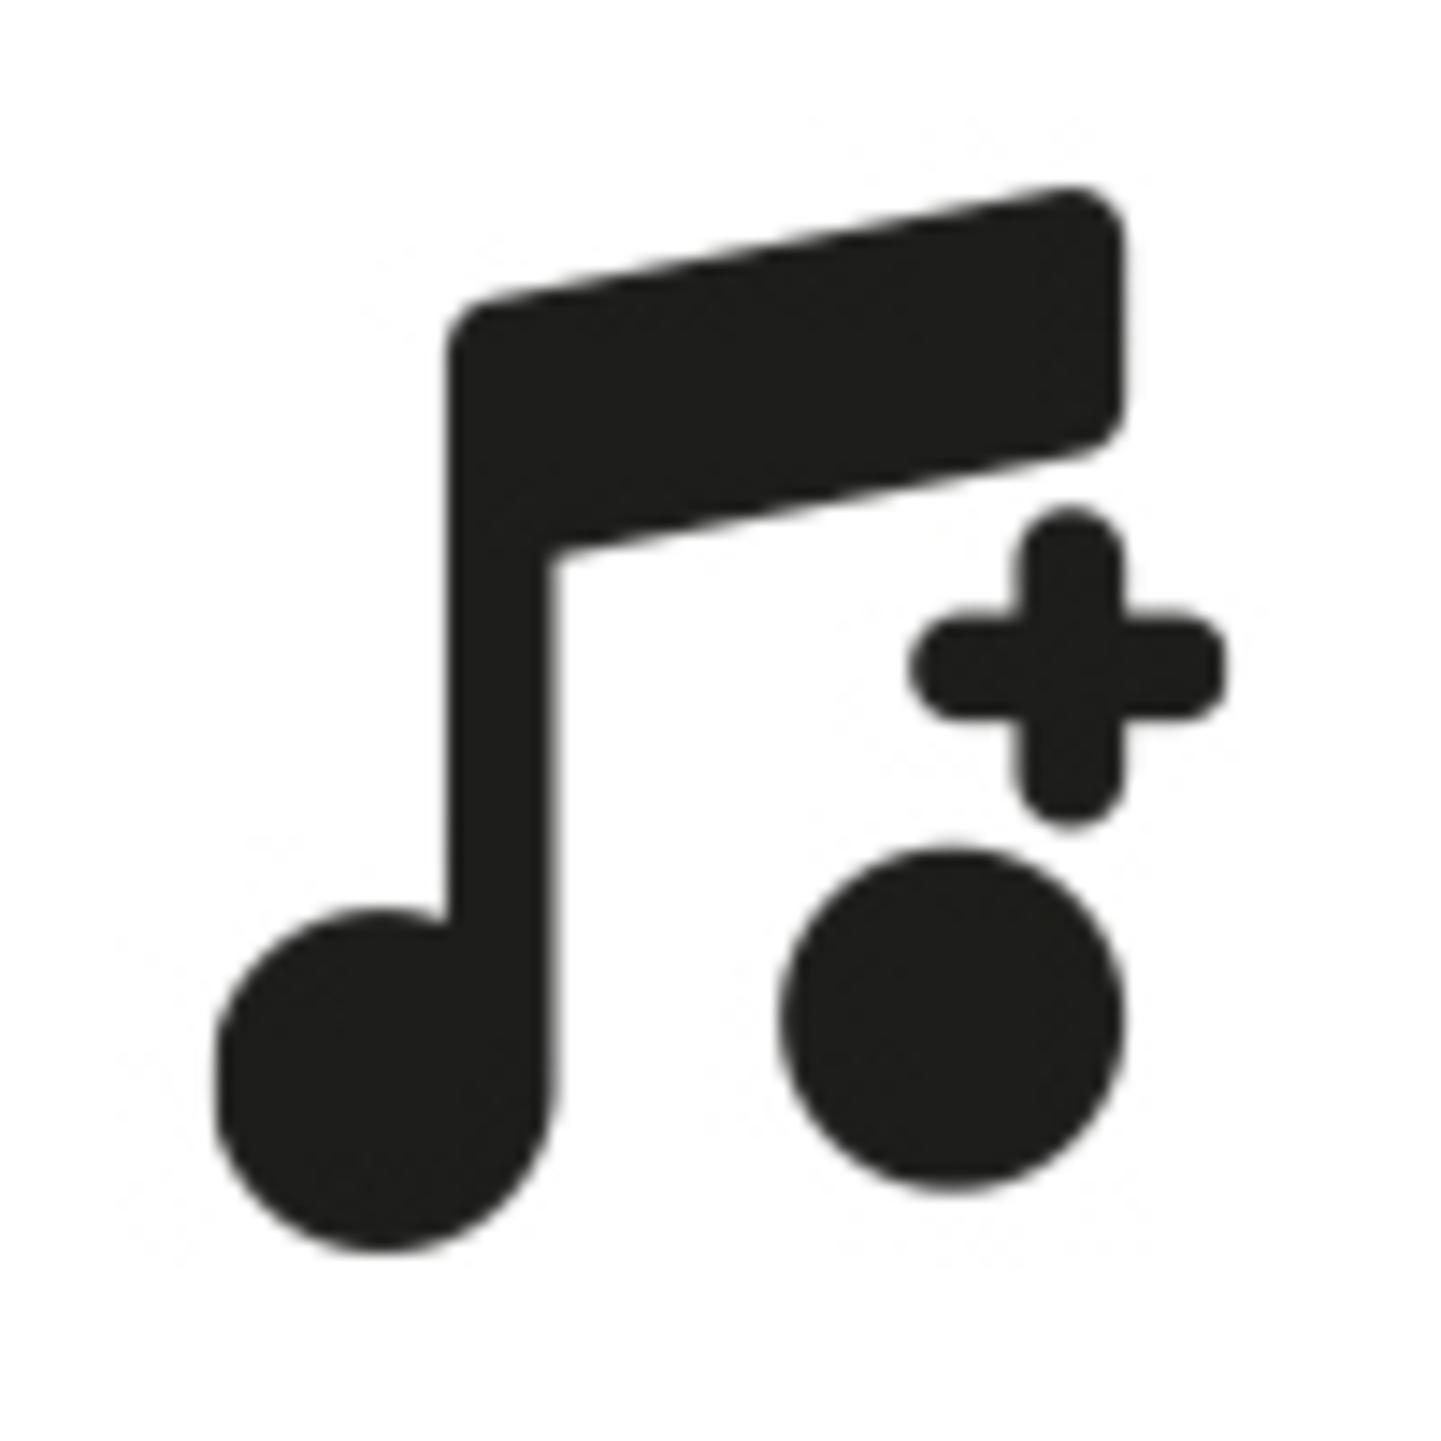 Musikfunktion